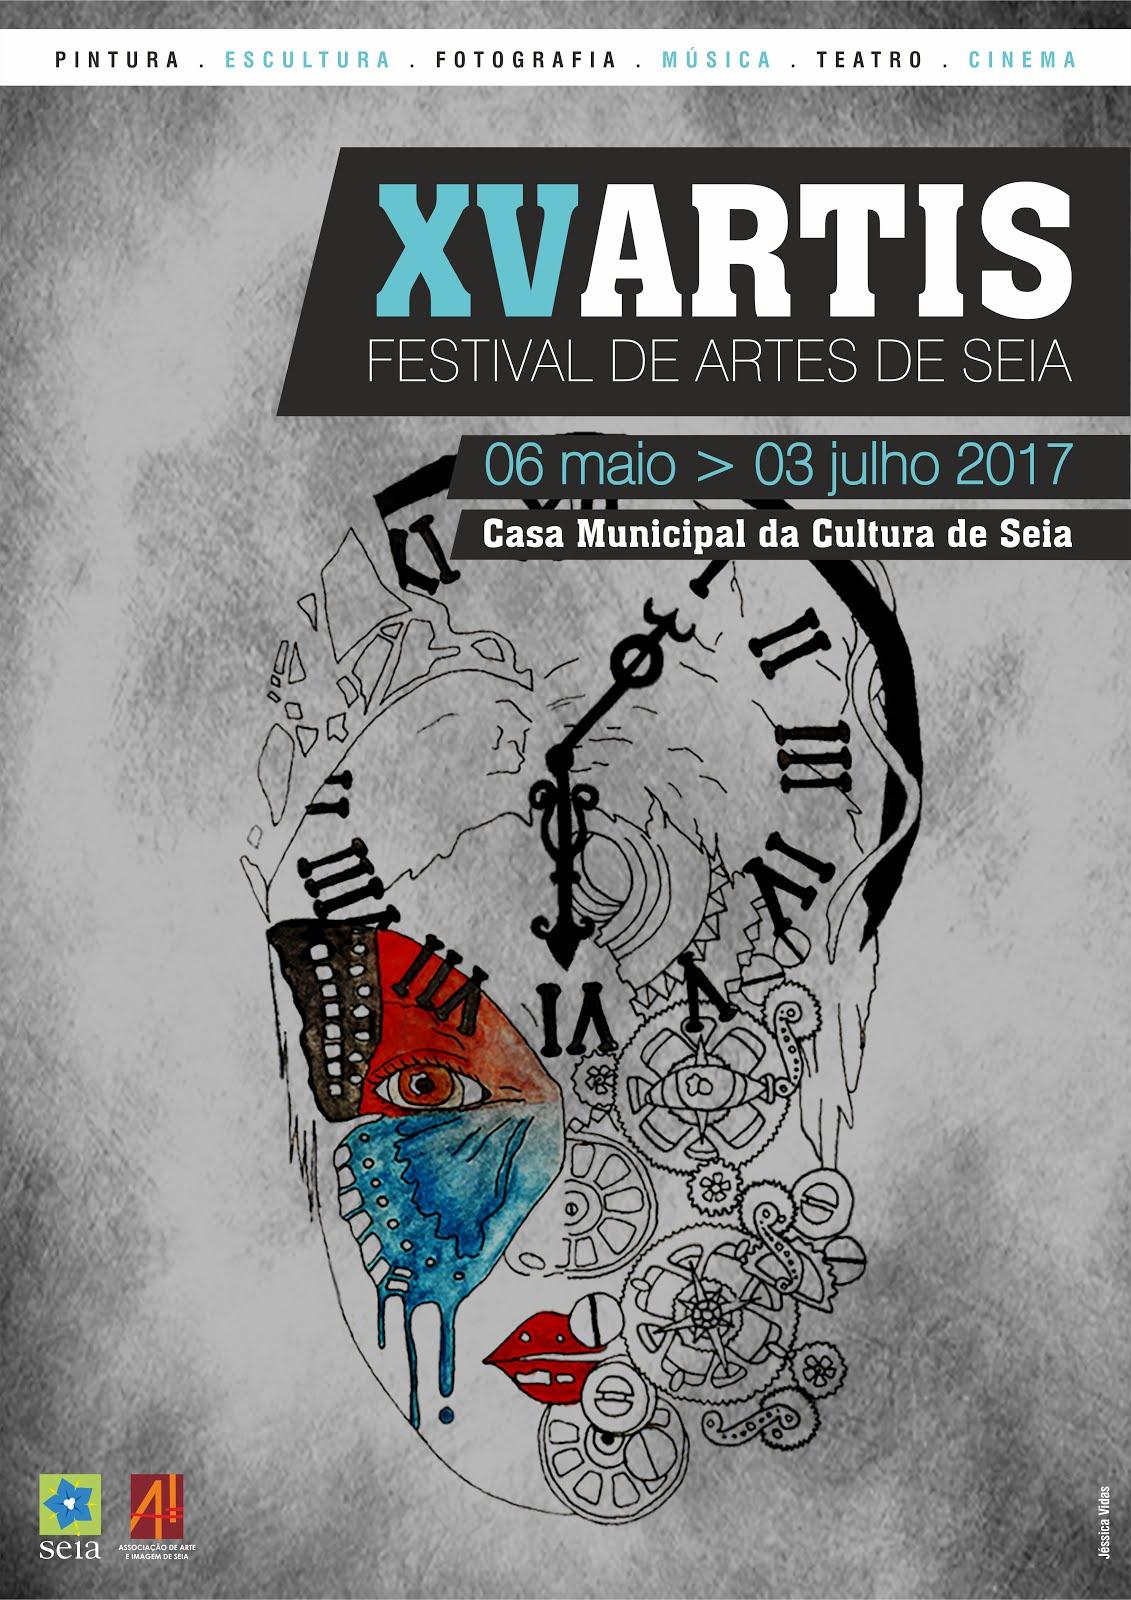 ARTIS 2017